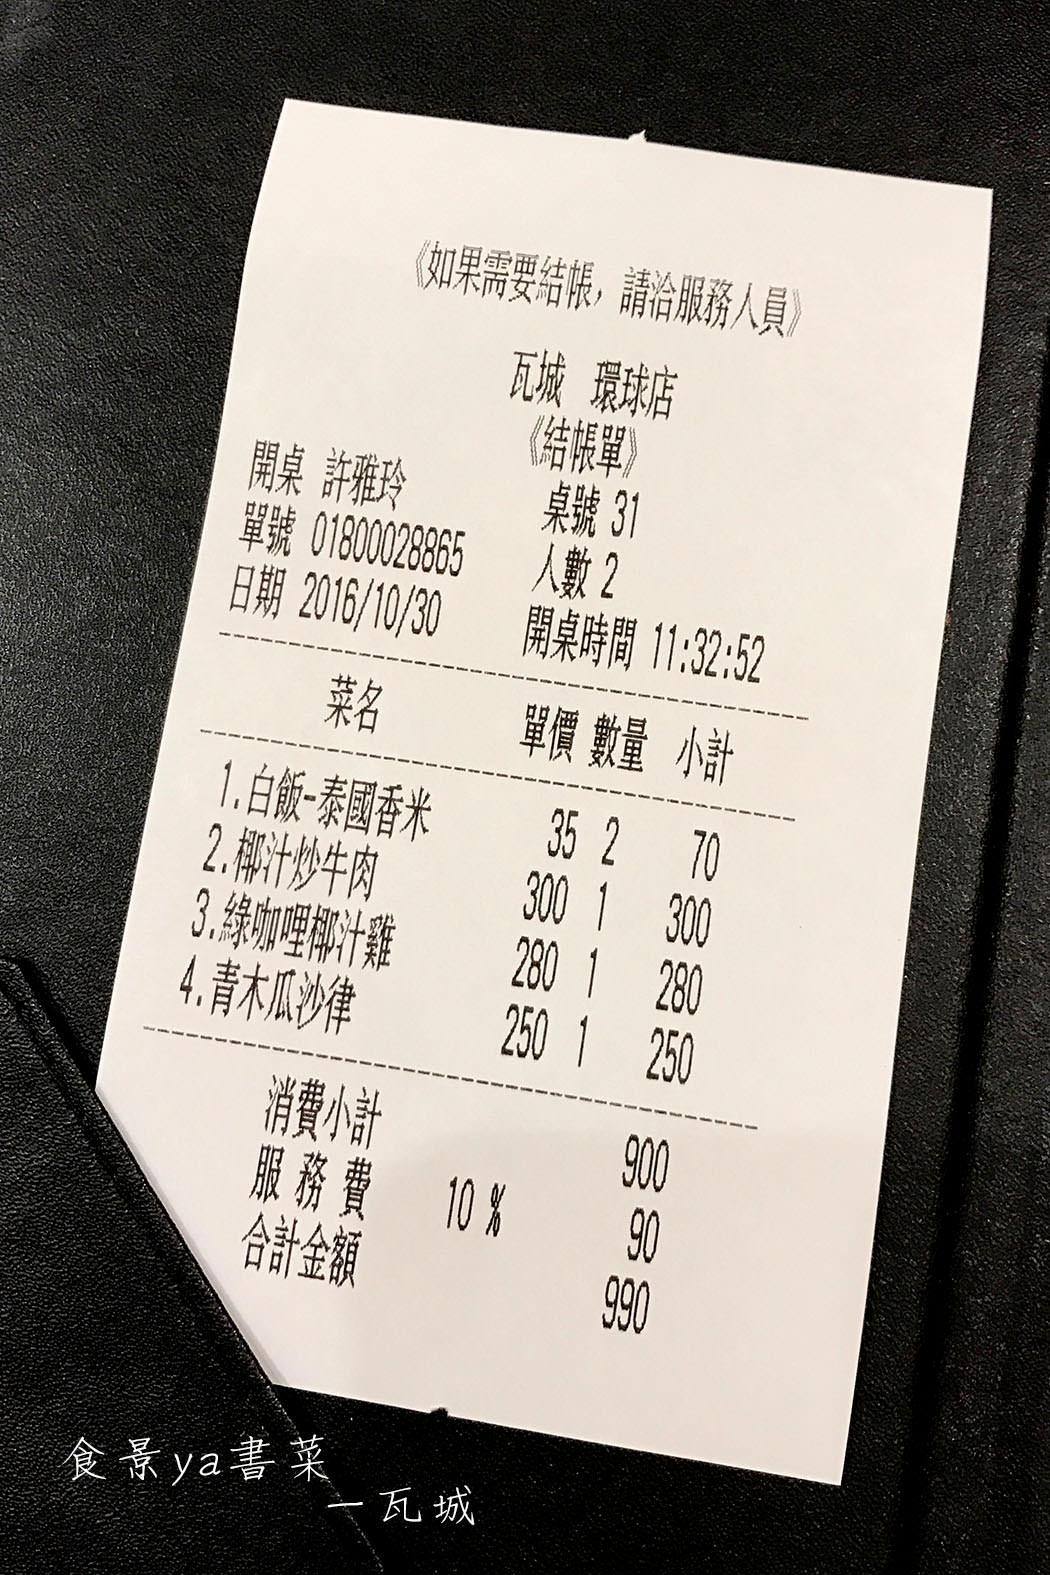 img_1871-%e6%8b%b7%e8%b2%9d